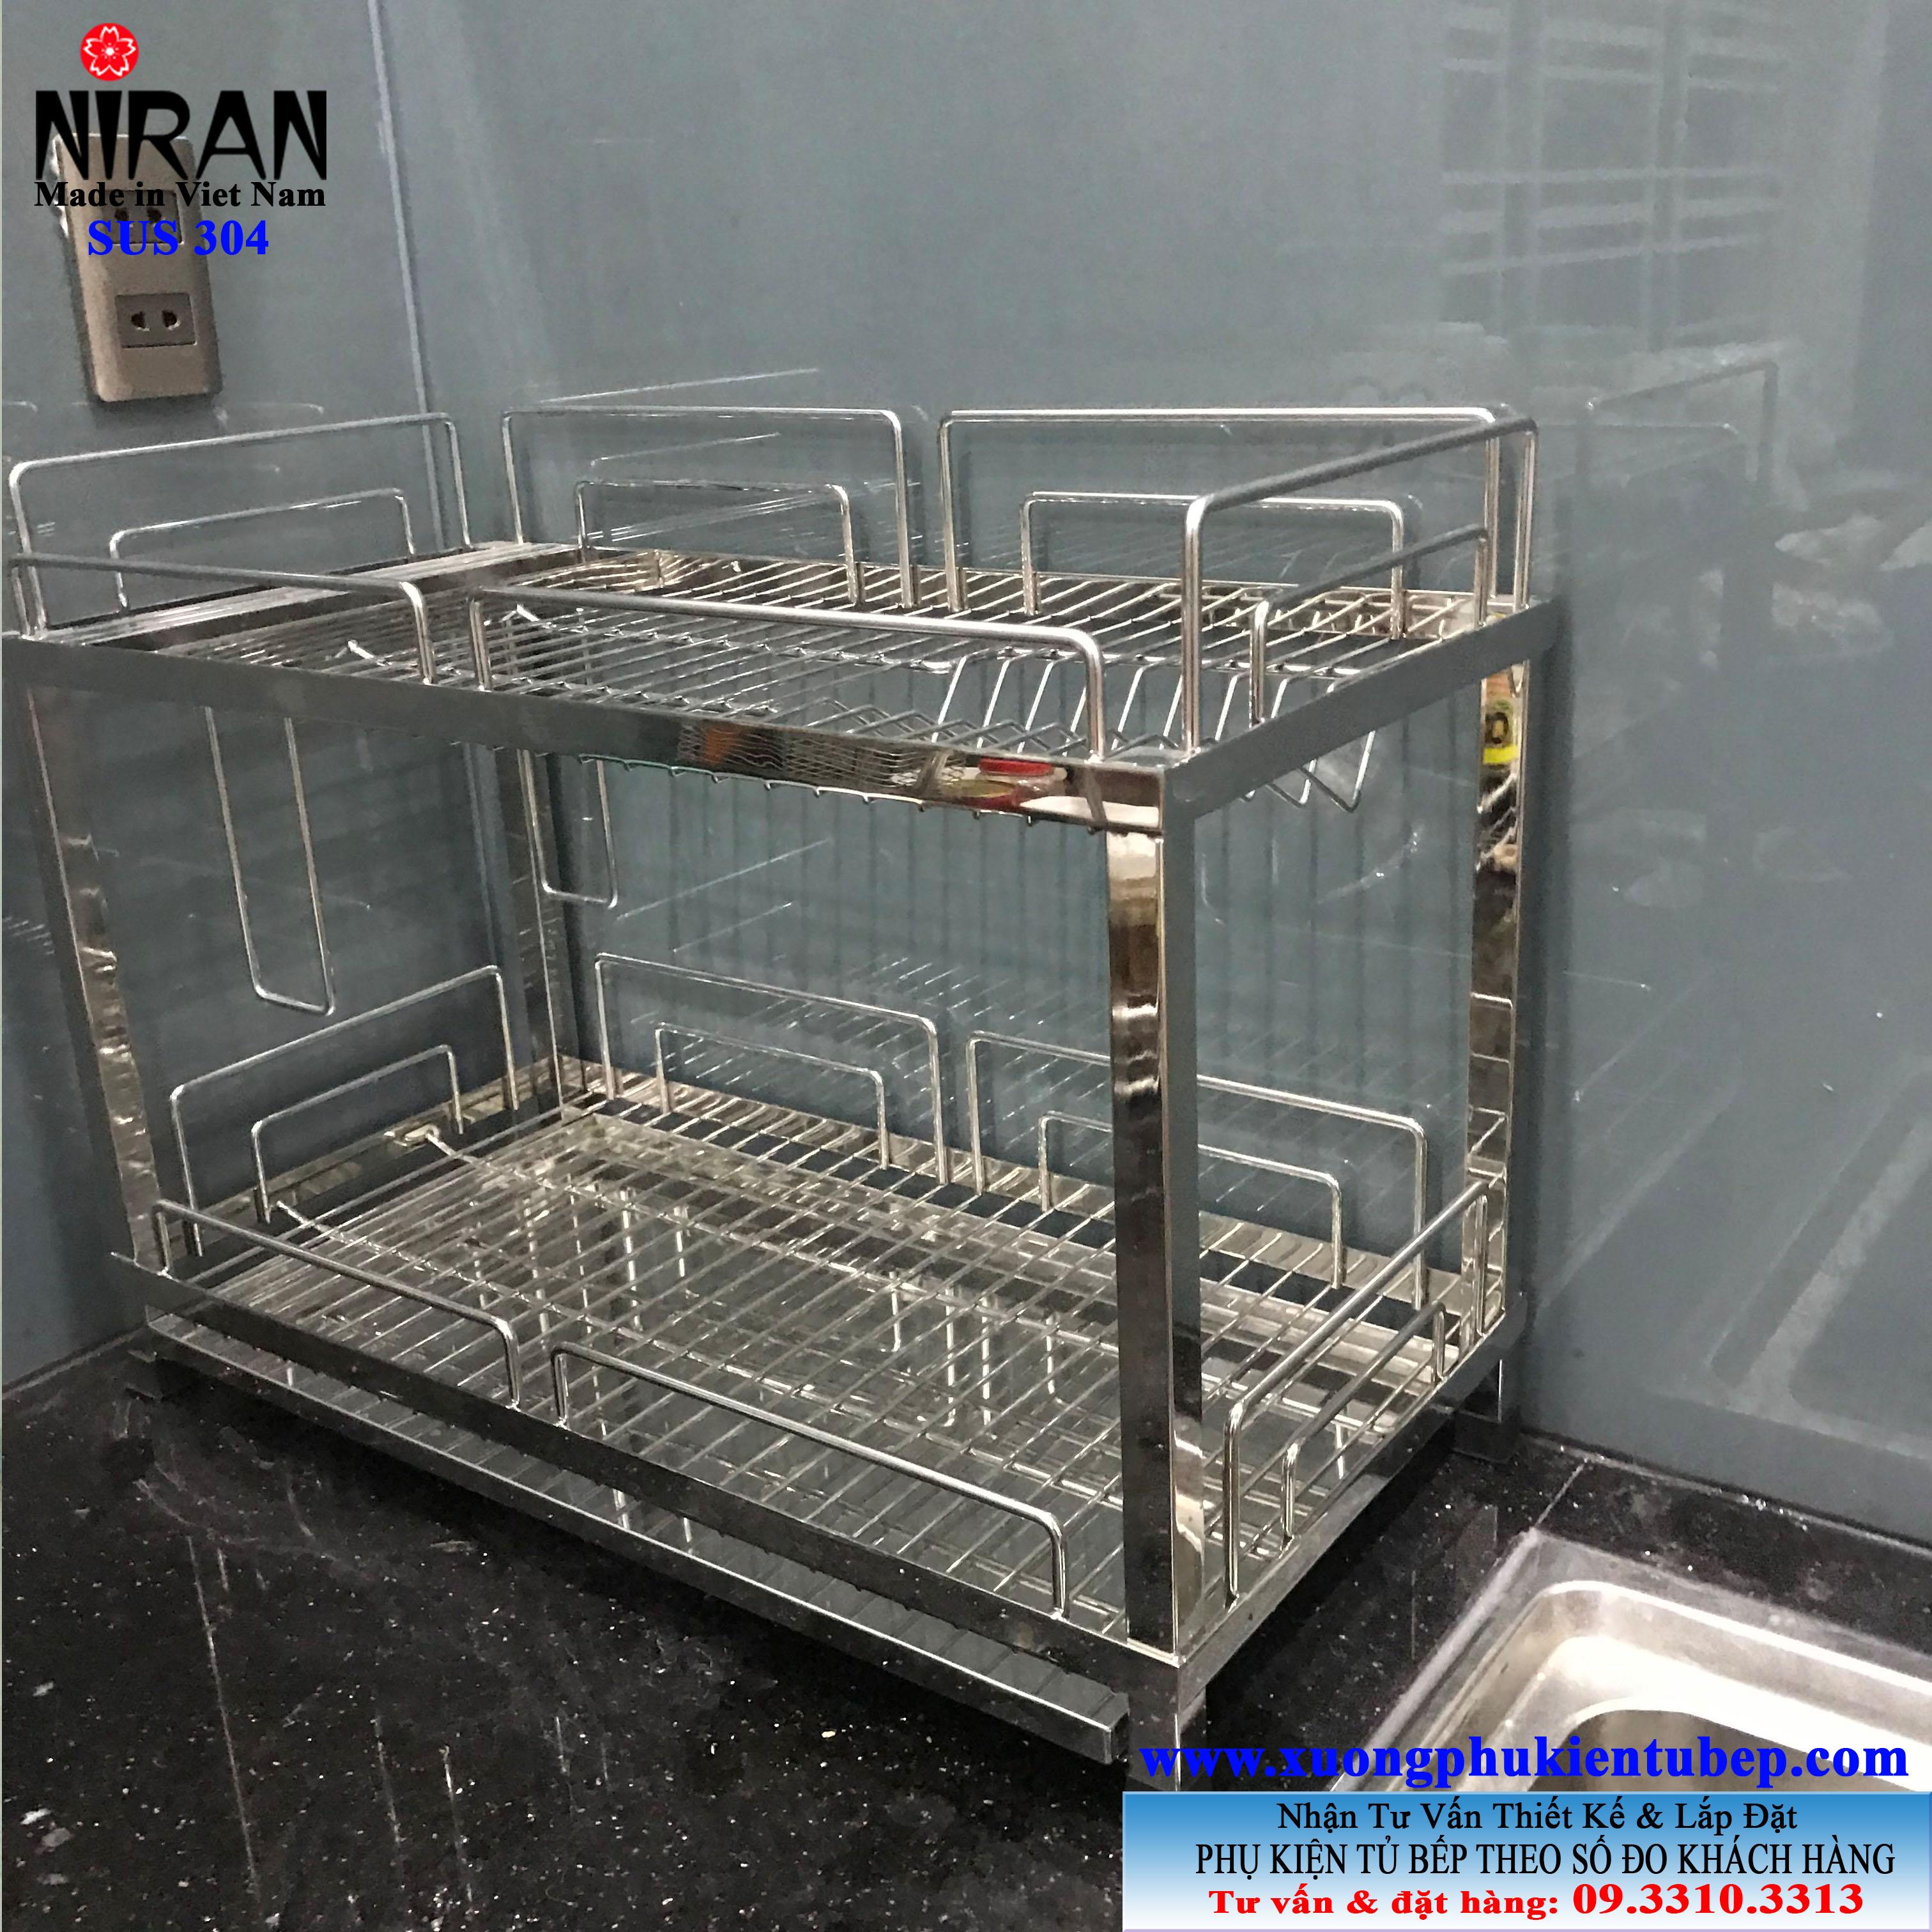 Kệ chén dĩa 2 tầng để bàn inox 304 Niran NR1002